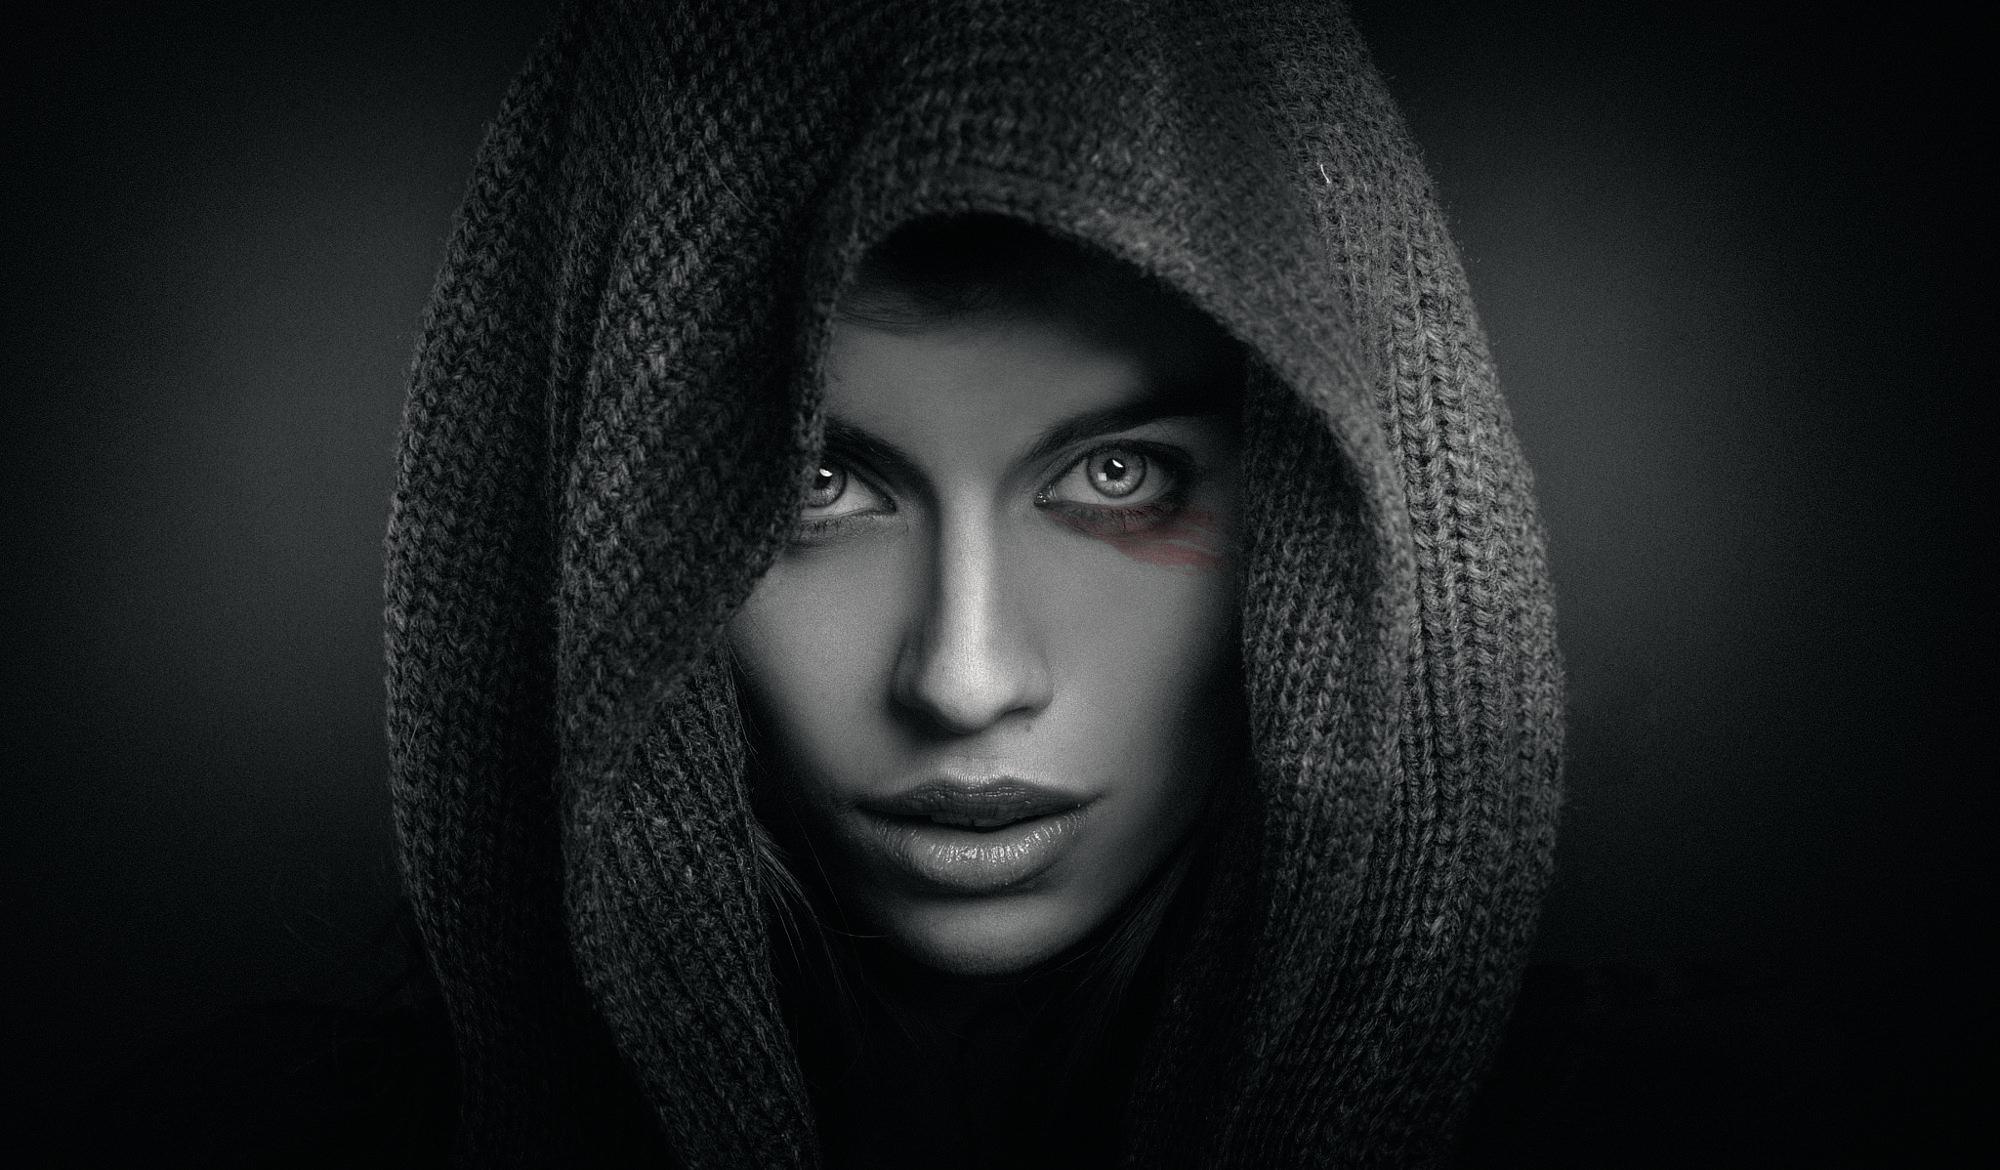 Wallpaper Face Women Model Black Background Looking: Face HD Wallpaper